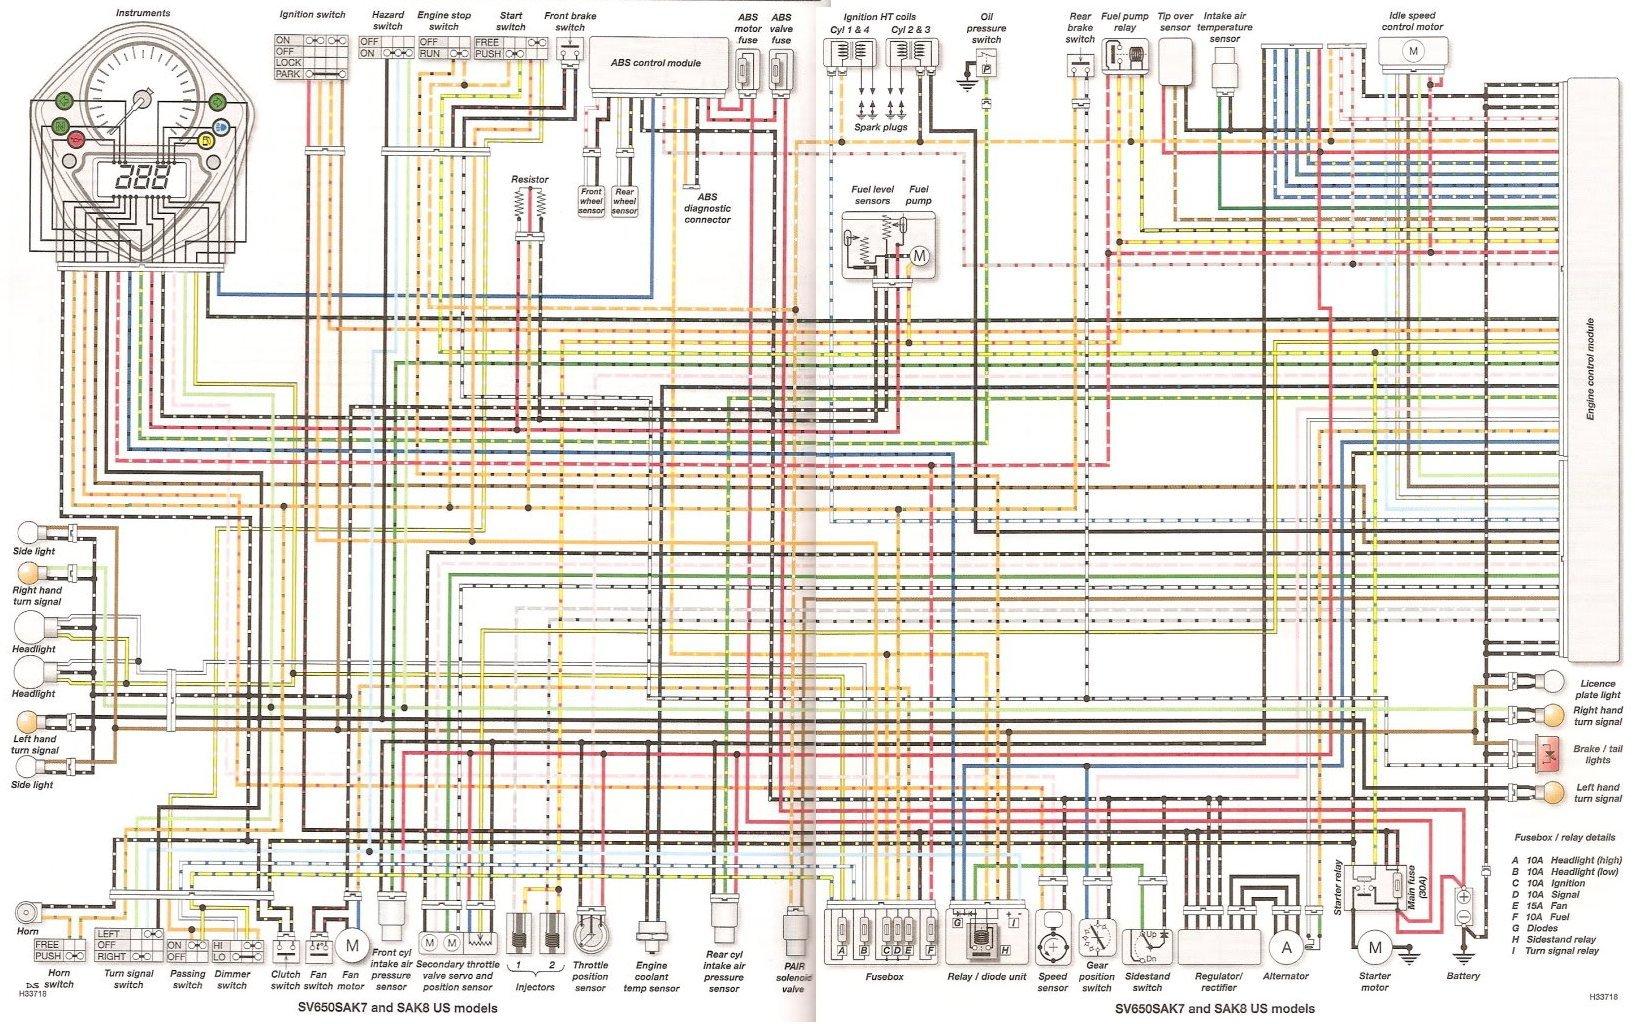 gsxr headlight wiring diagram ko 1764  2007 gsxr 1000 wiring diagram ignition free diagram  2007 gsxr 1000 wiring diagram ignition